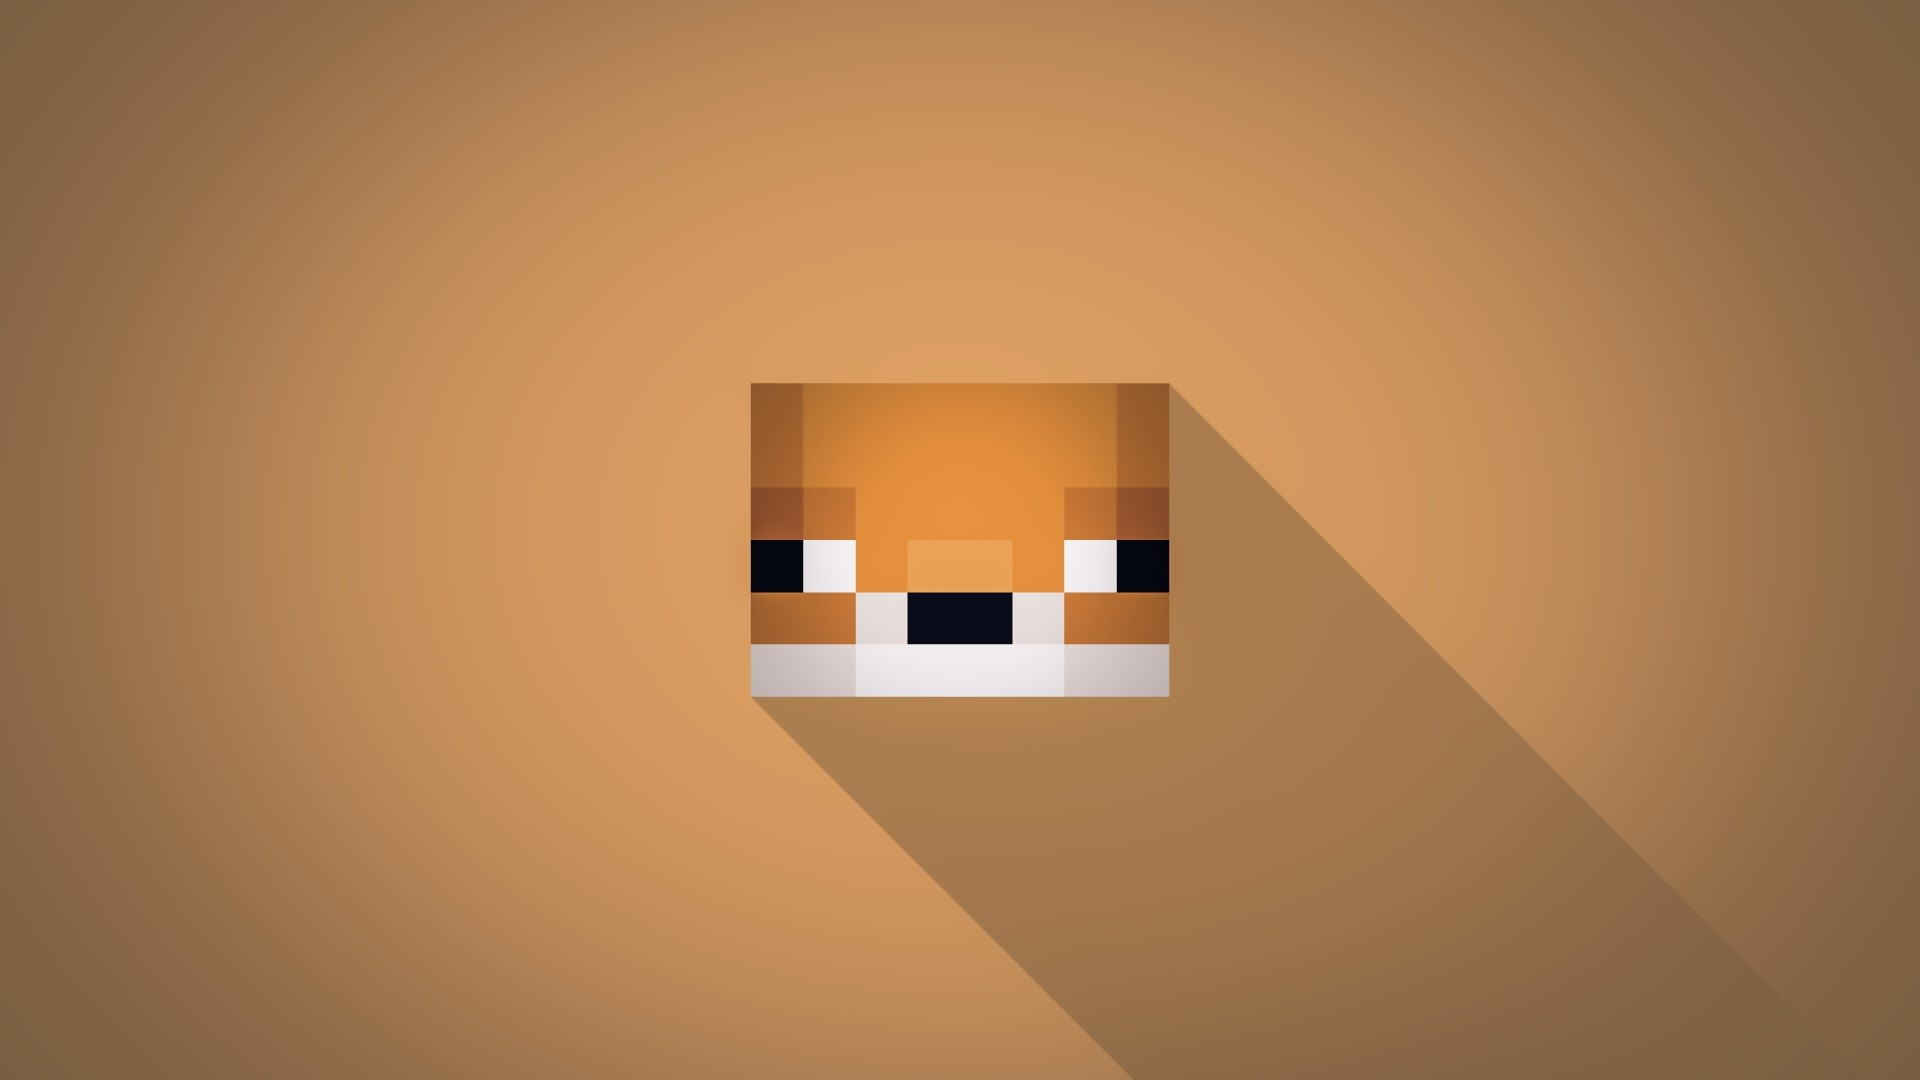 Minecraft Minimalist Picture